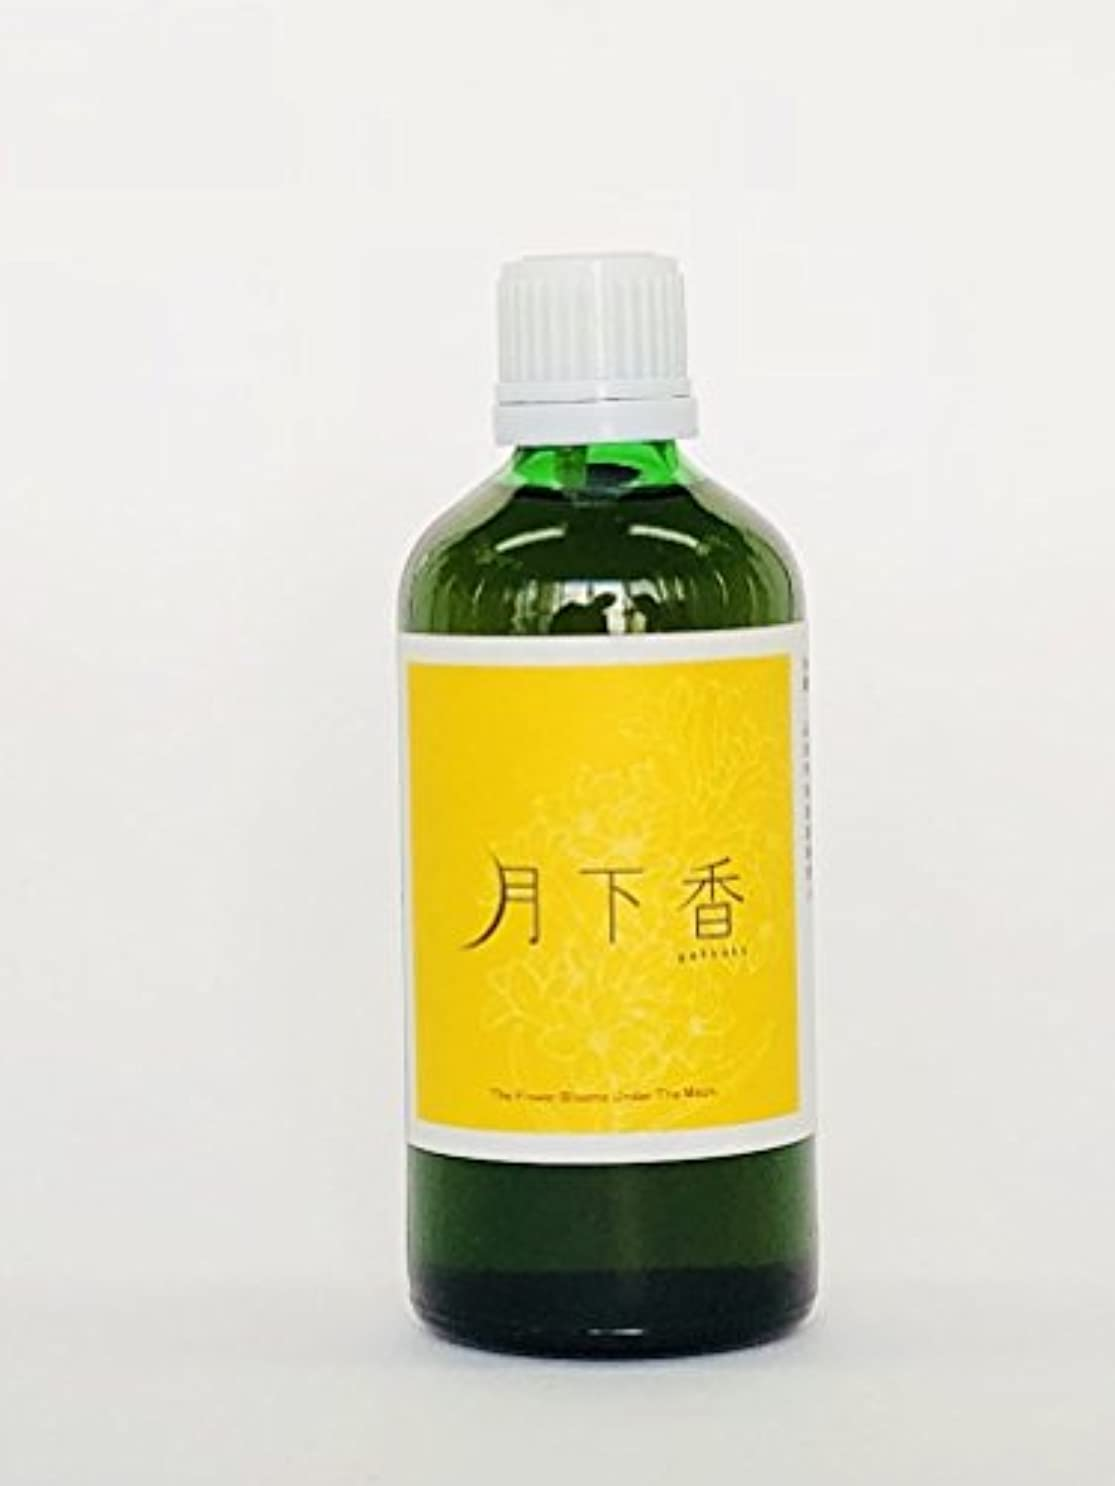 スキッパー高度水素<月下香>エッセンシャルオイル/アロマ/レモン【100ml】 (100ml)